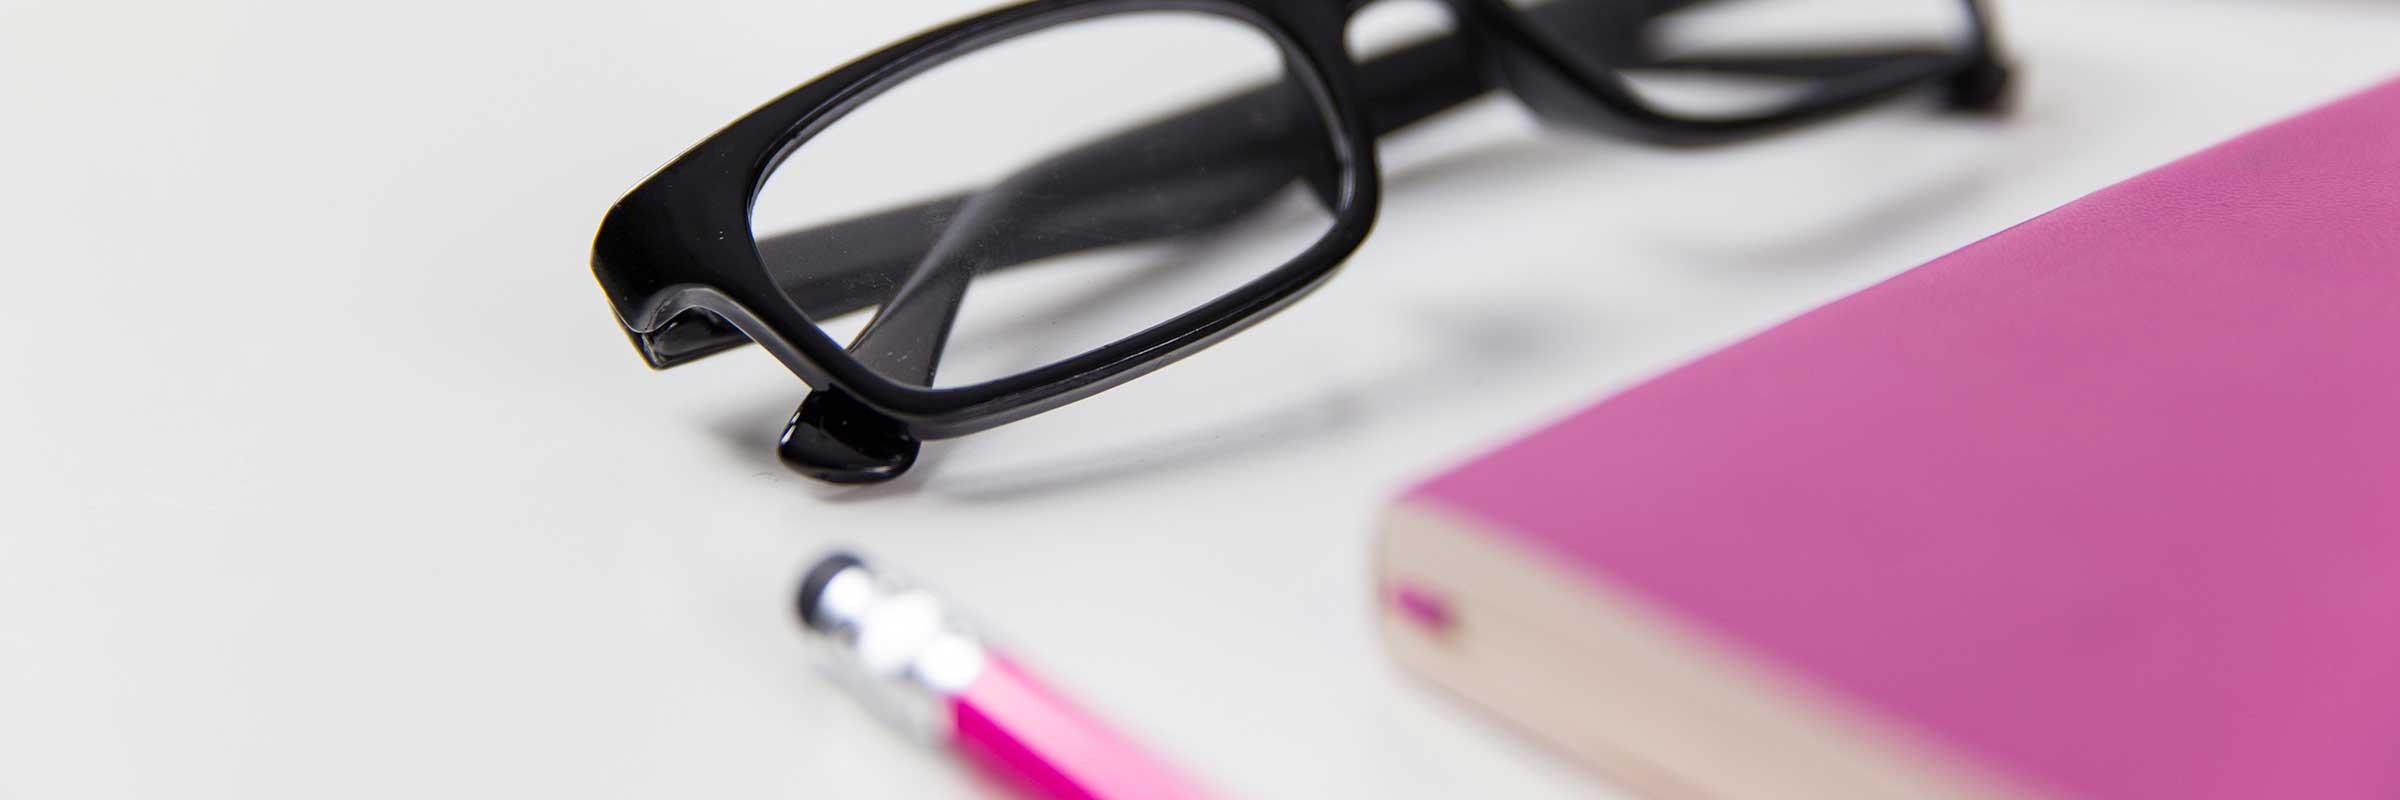 glasses-on-office-desk